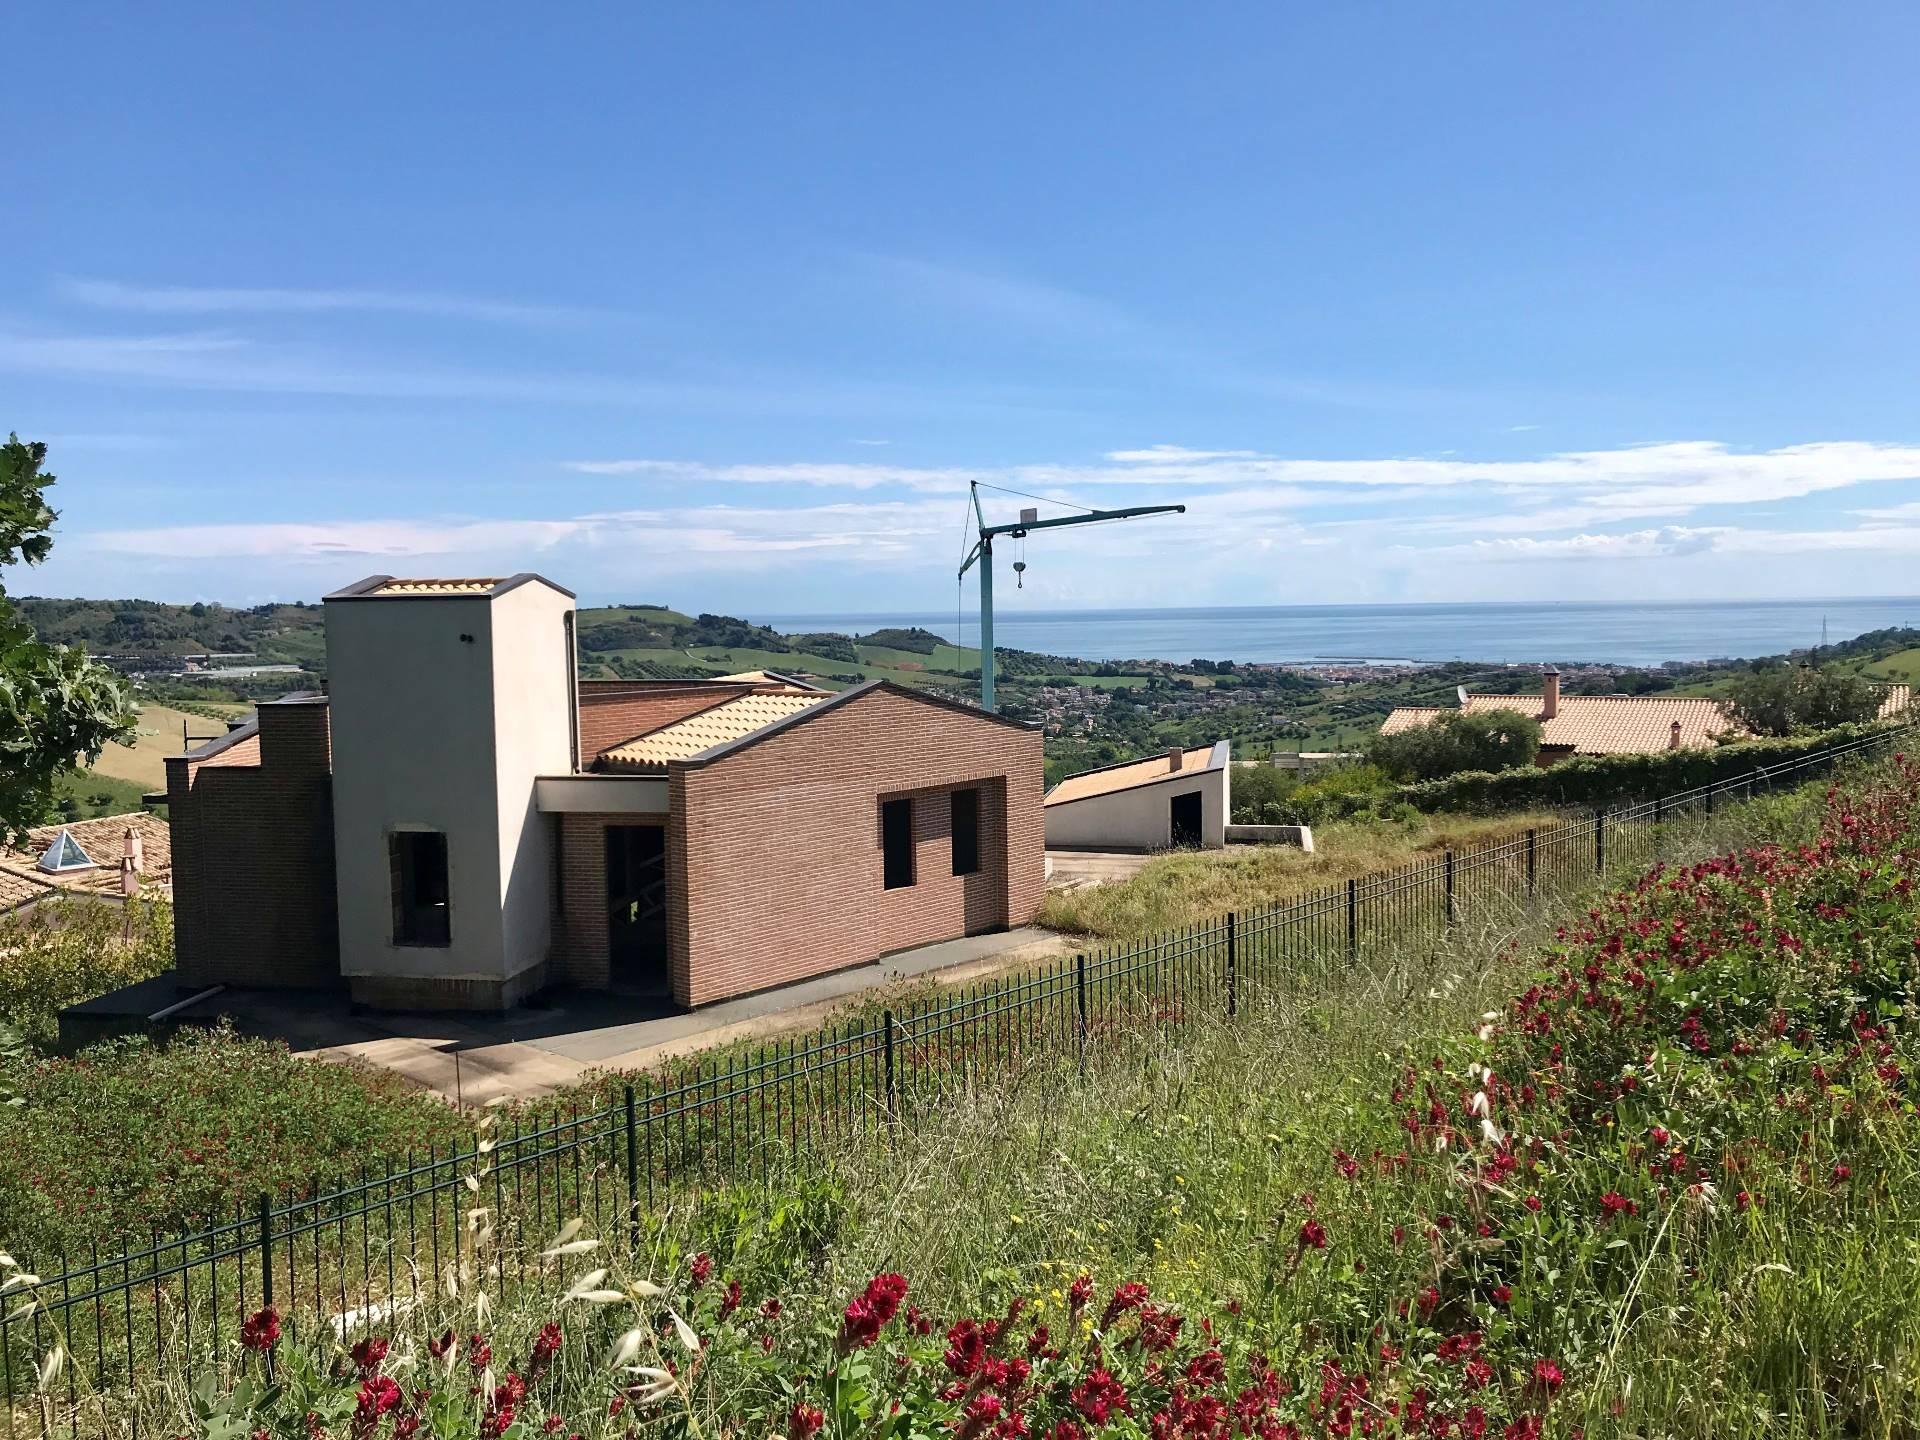 Ville di Prestigio in Vendita a Acquaviva Picena #1